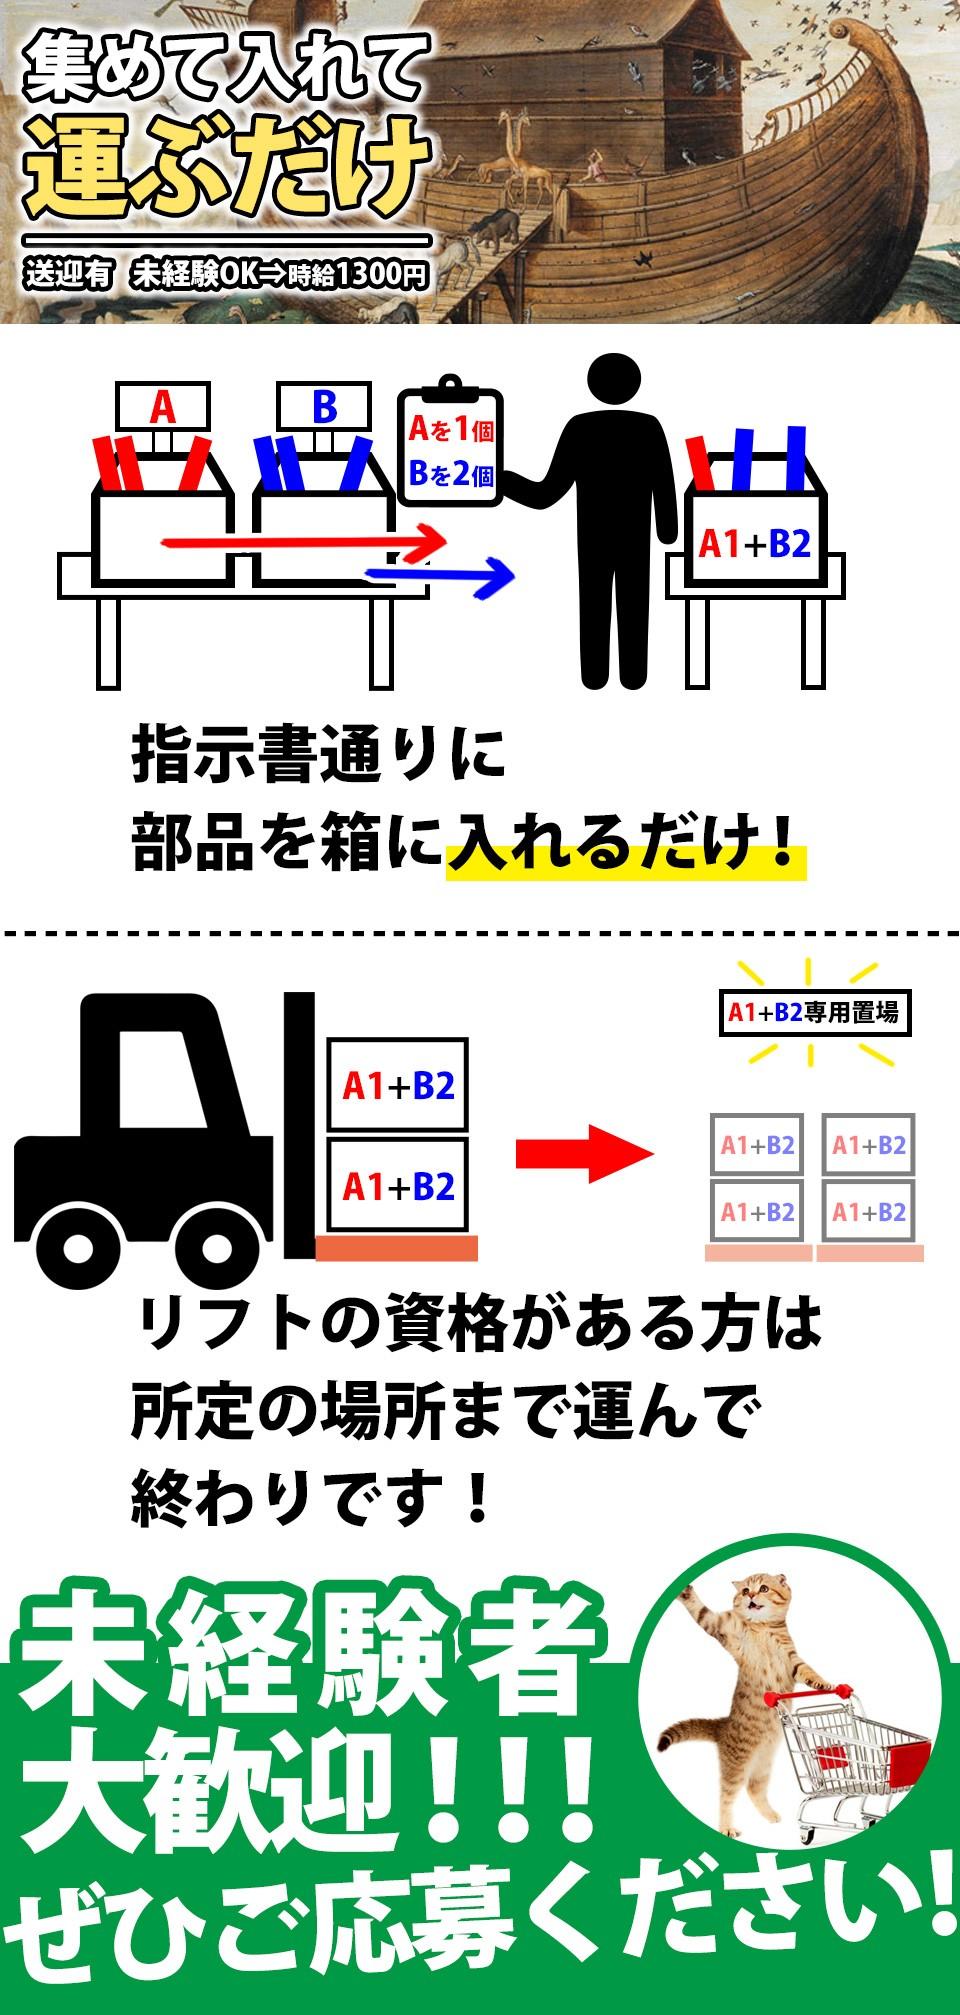 ピッキング・リフトでの運搬作業 愛知県豊橋市の派遣社員求人